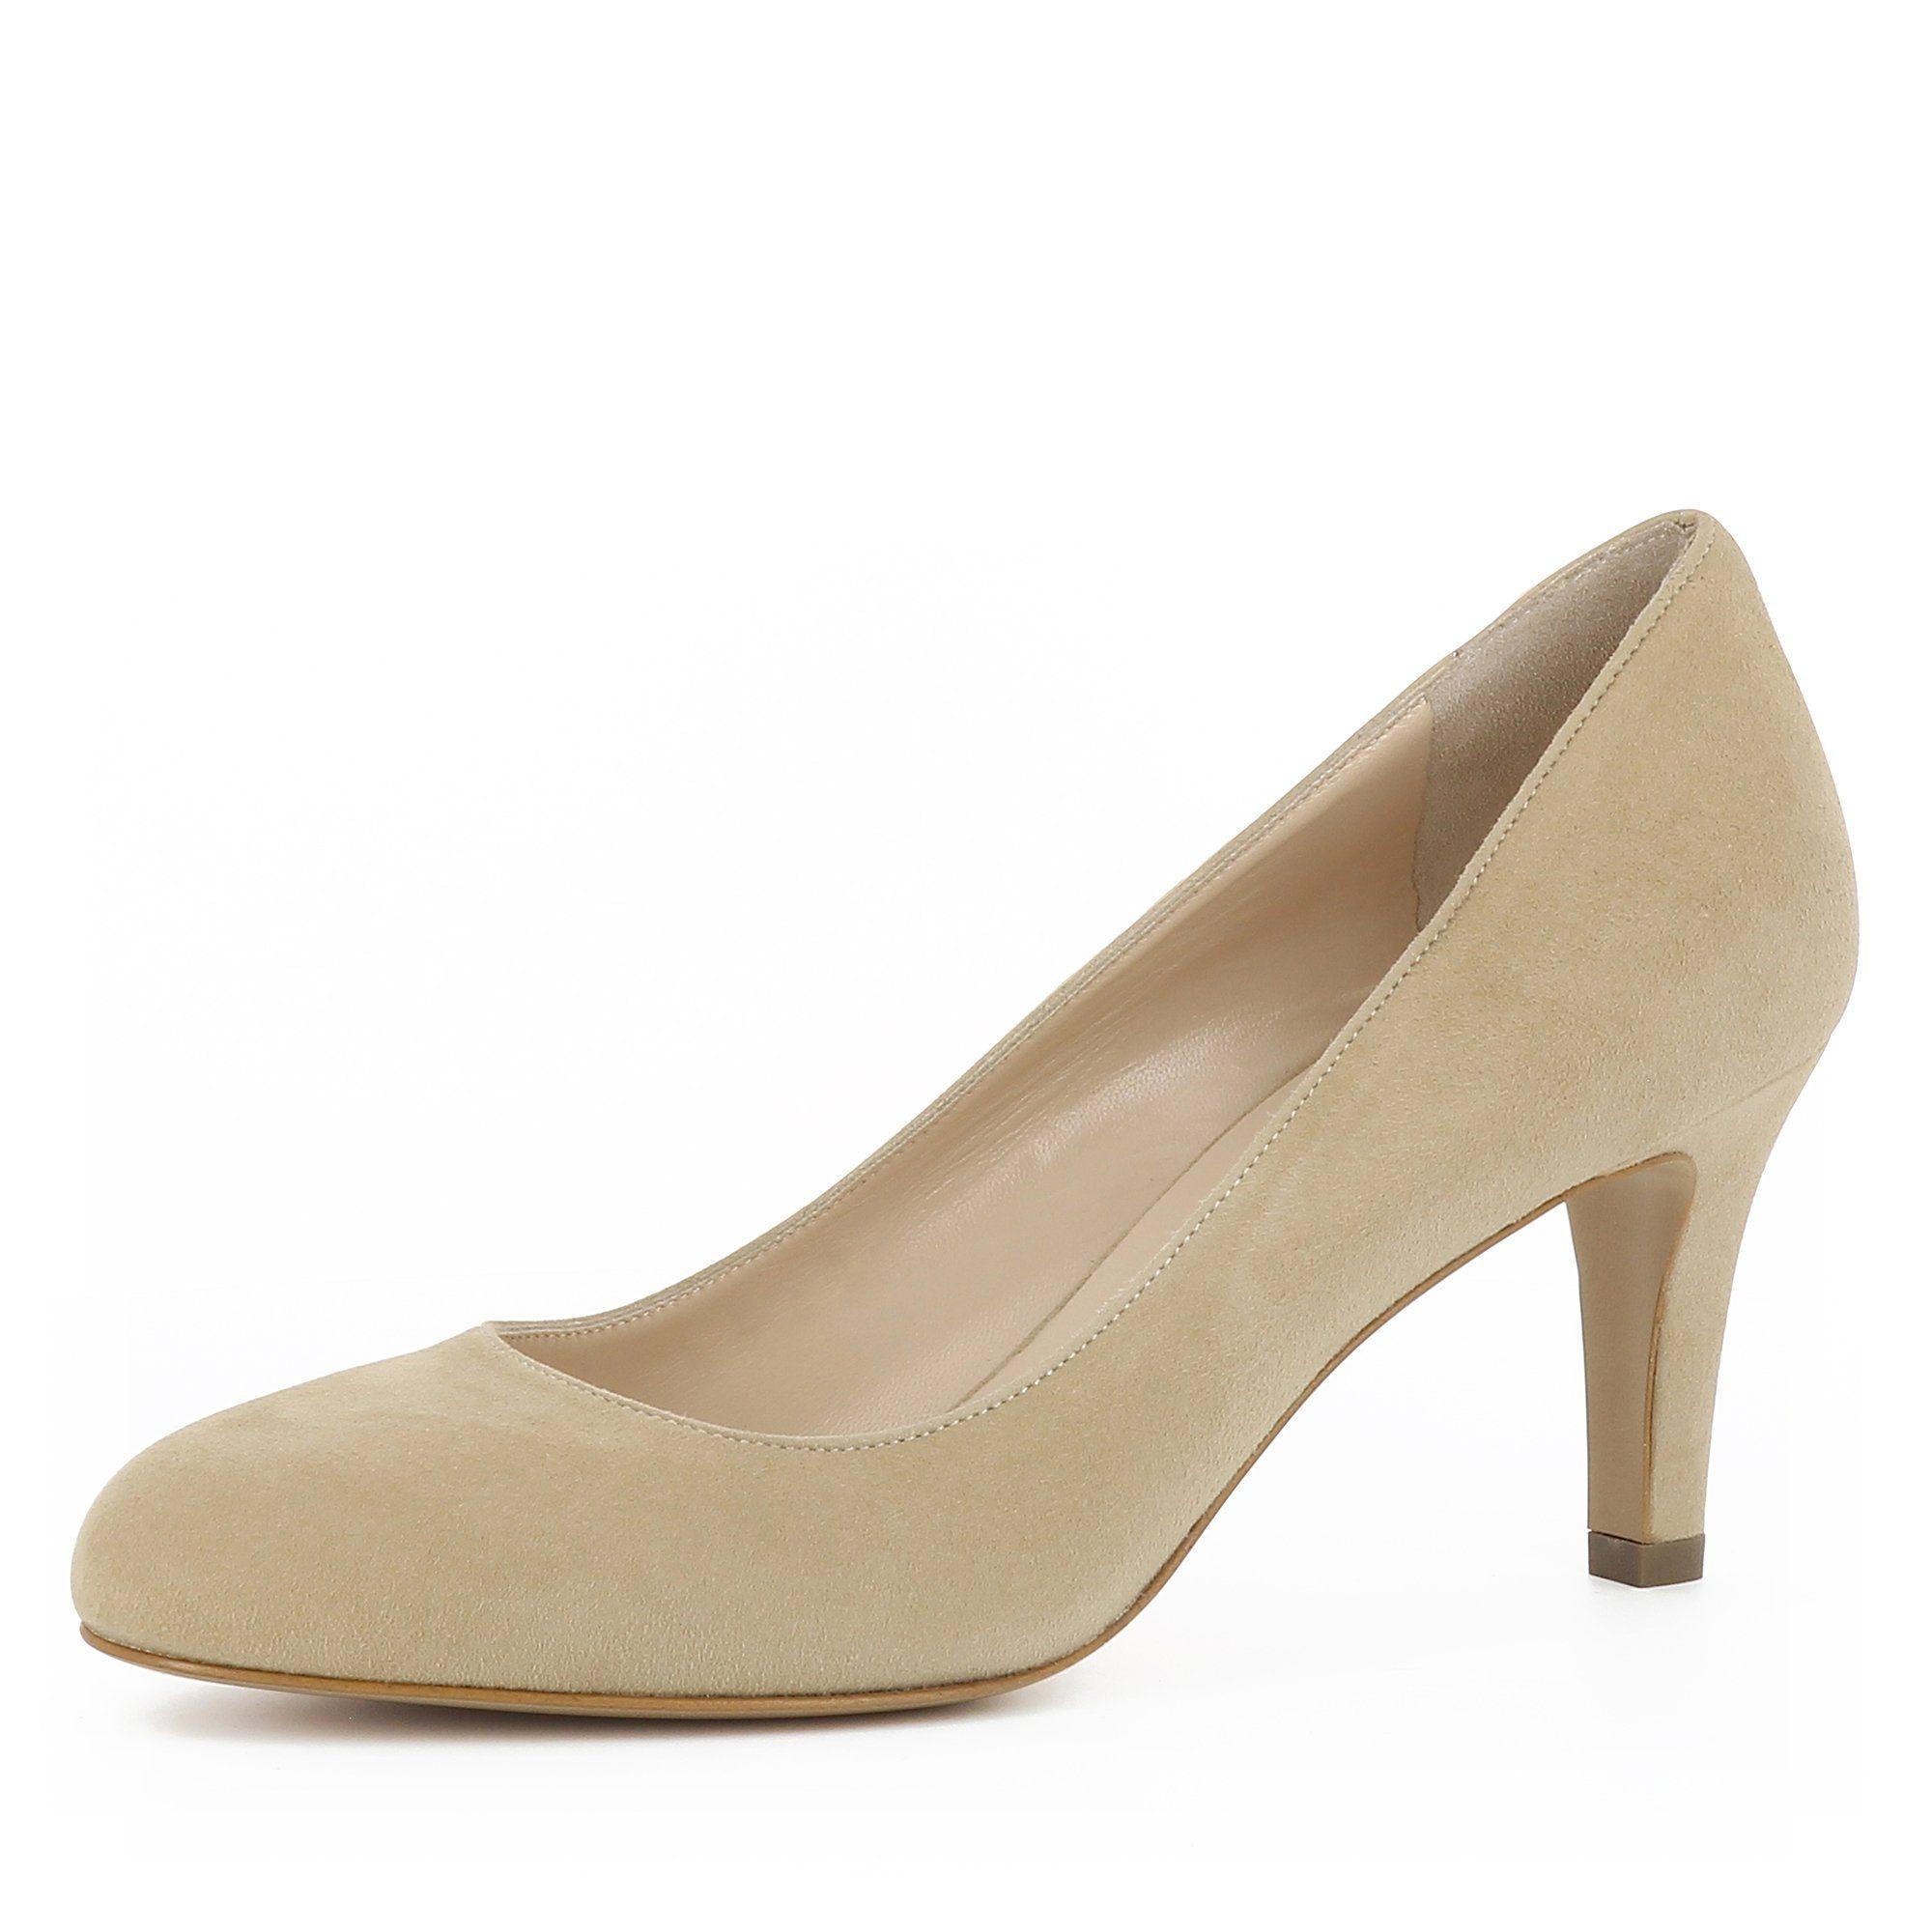 Evita BIANCA Pumps online kaufen  beige